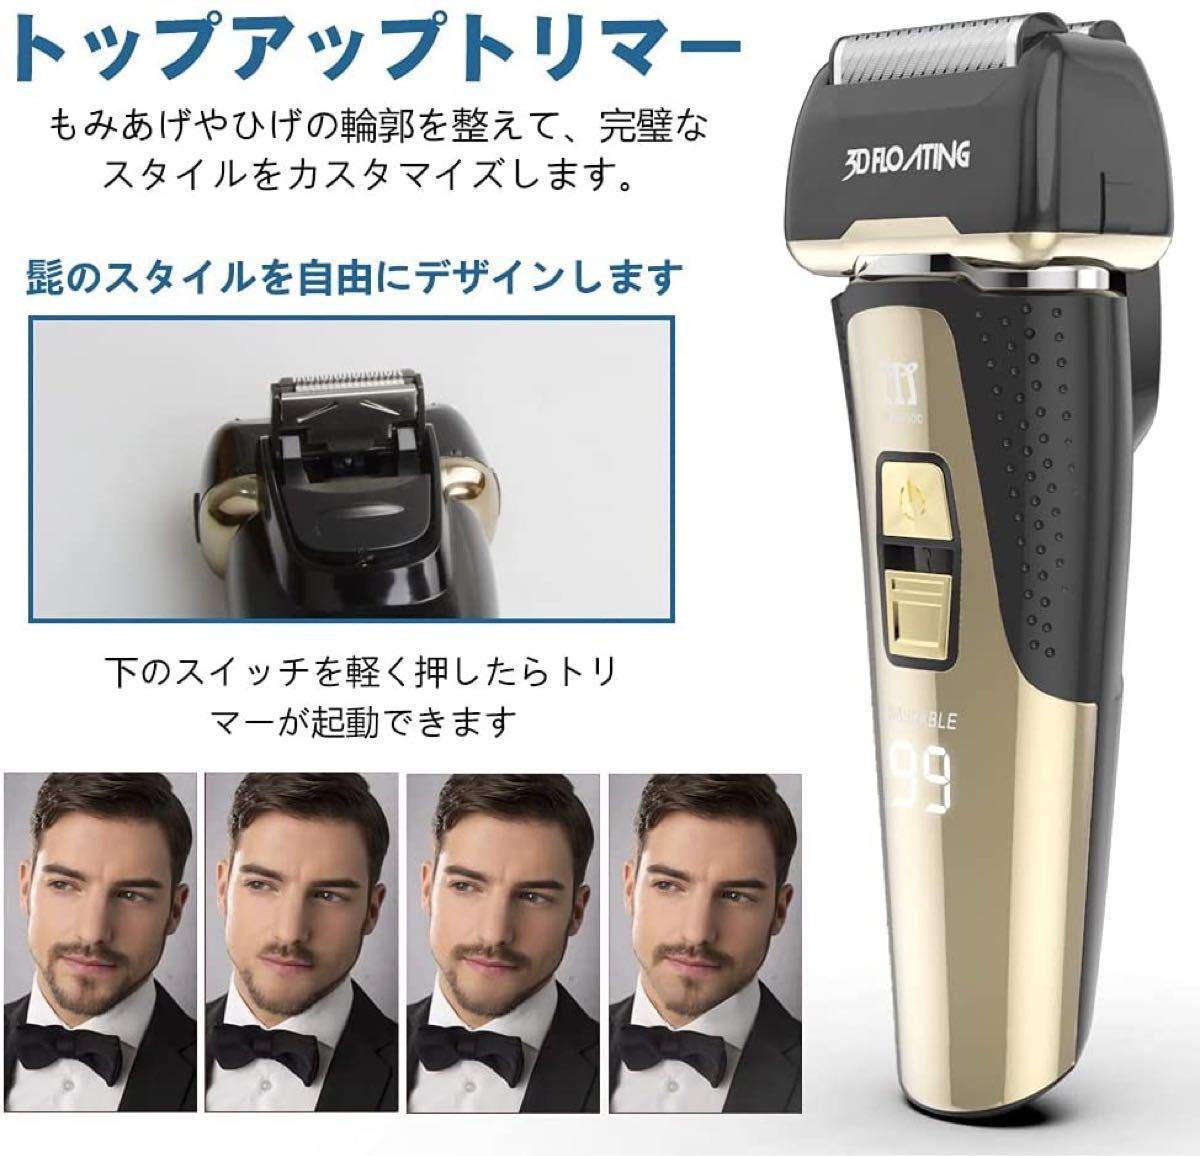 電気シェーバー メンズ ひげそり 髭剃り 三枚刃 防水 IPX7 お風呂剃り可 トリマー付き ロック付き フォロー1000円オフ